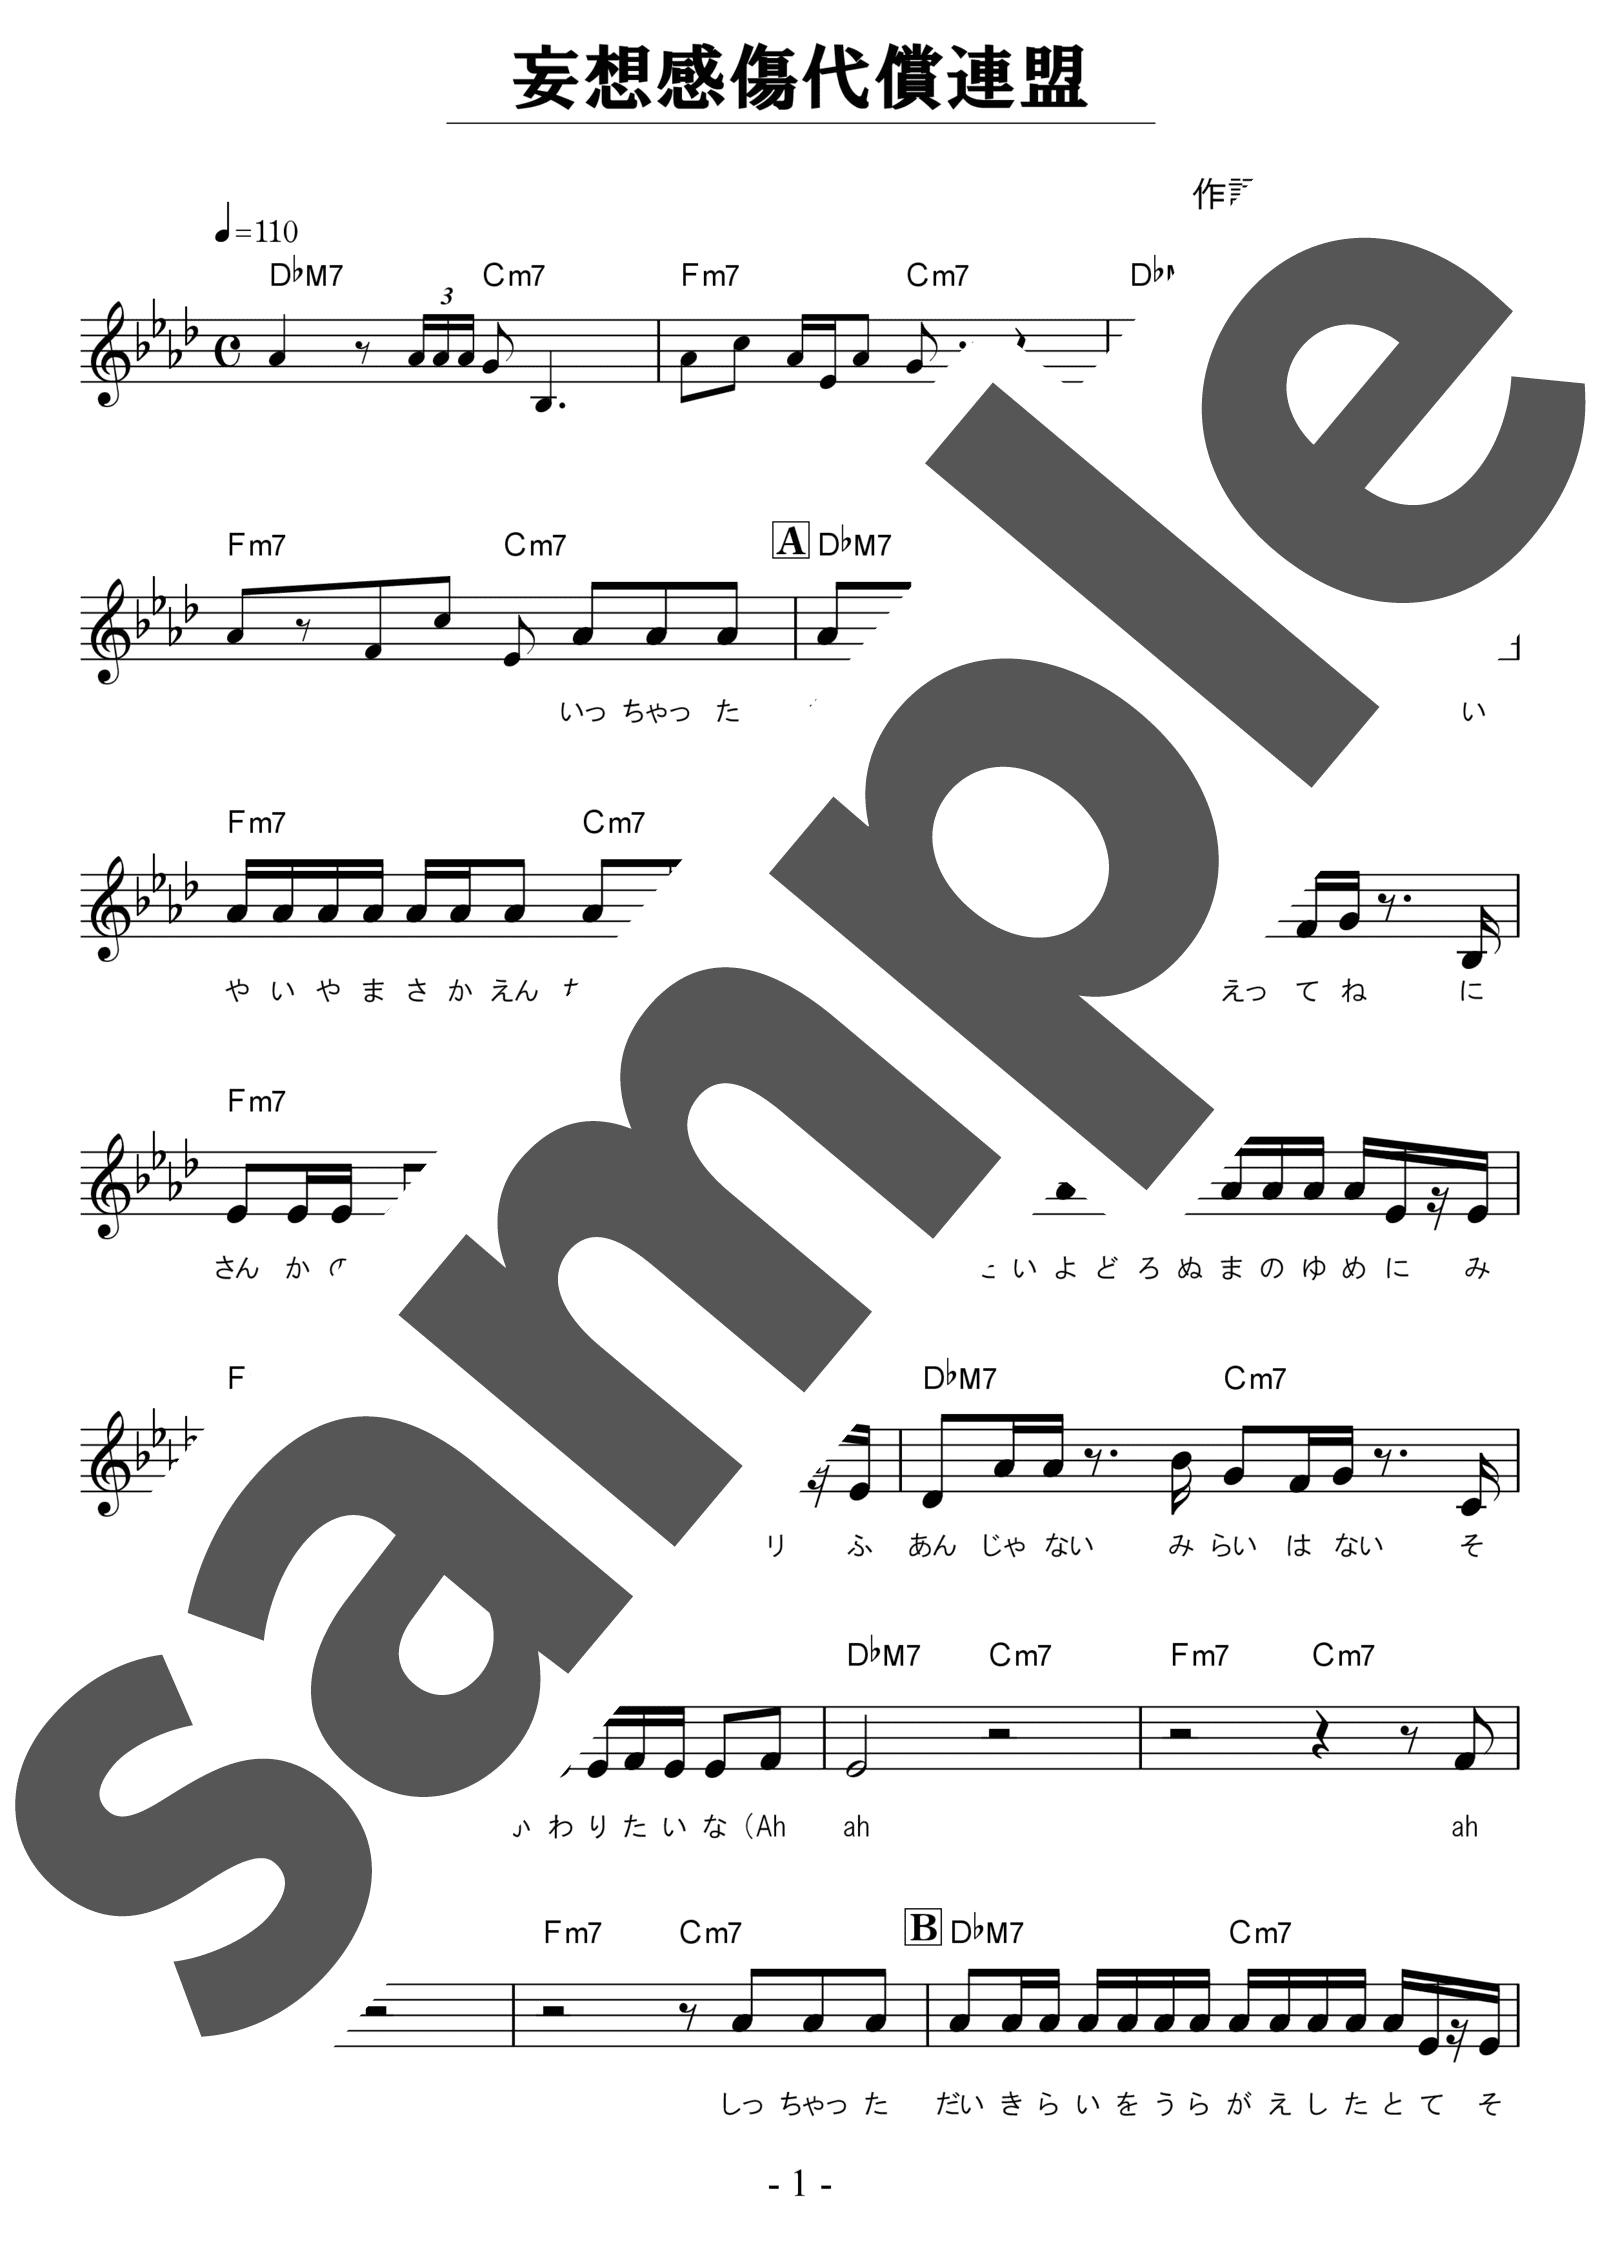 「妄想感傷代償連盟」のサンプル楽譜